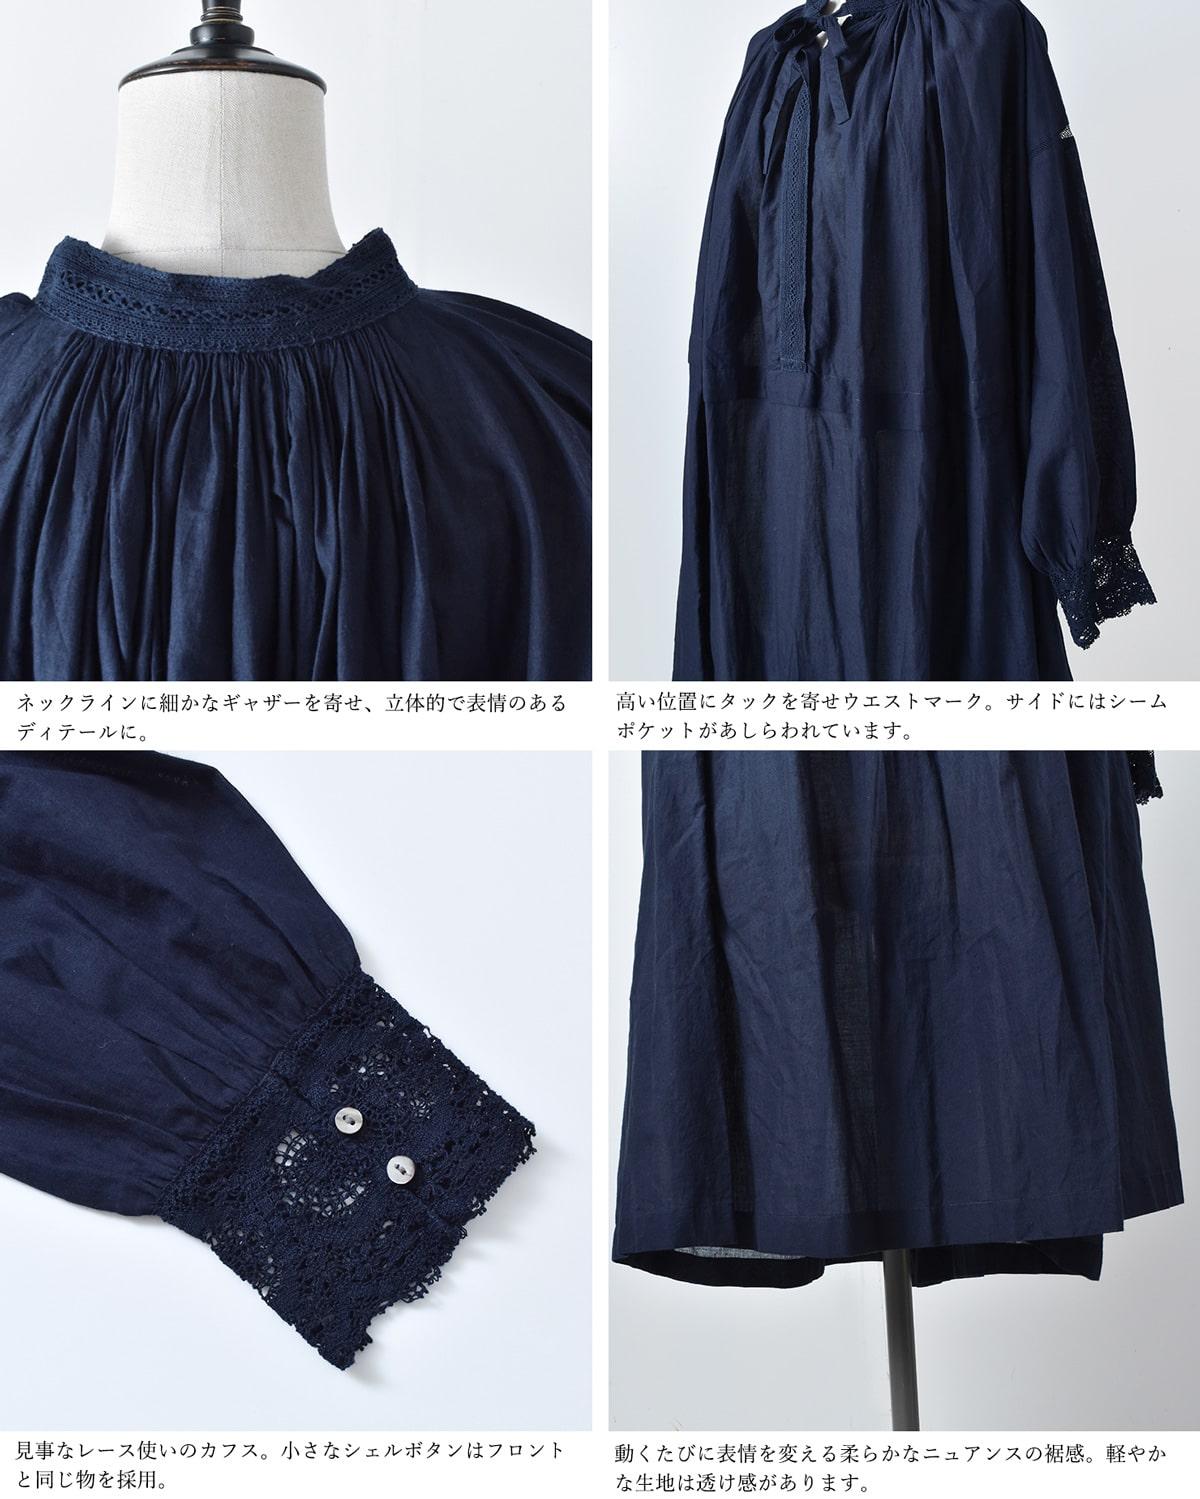 """maison de soil(メゾン ド ソイル)コットンネックギャザードレス""""Neck Gathered Dress"""" inmds21044"""